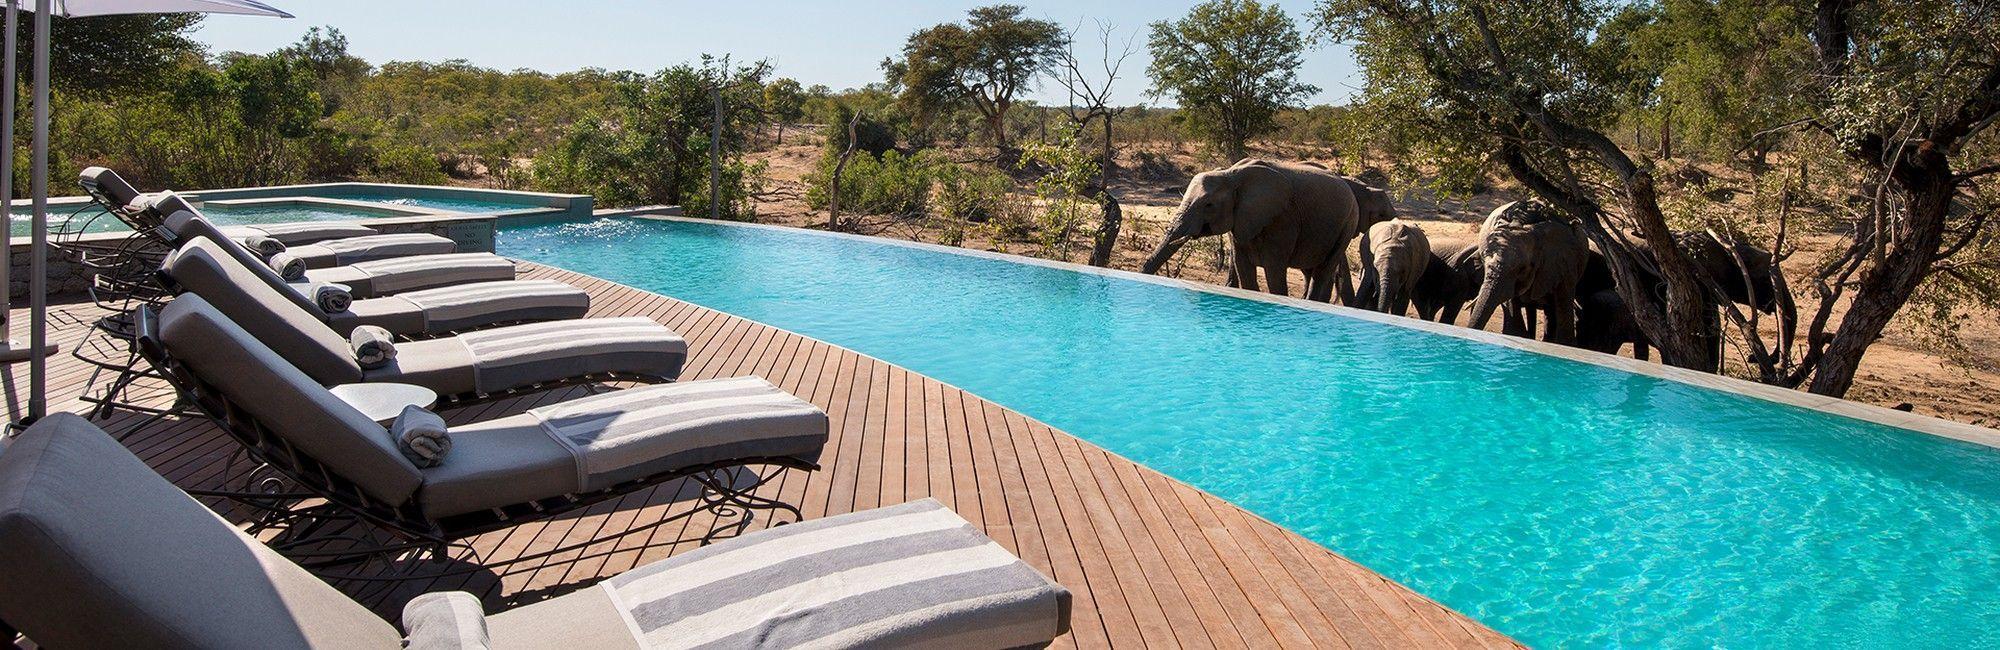 Luxe reizen Zuid-Afrika